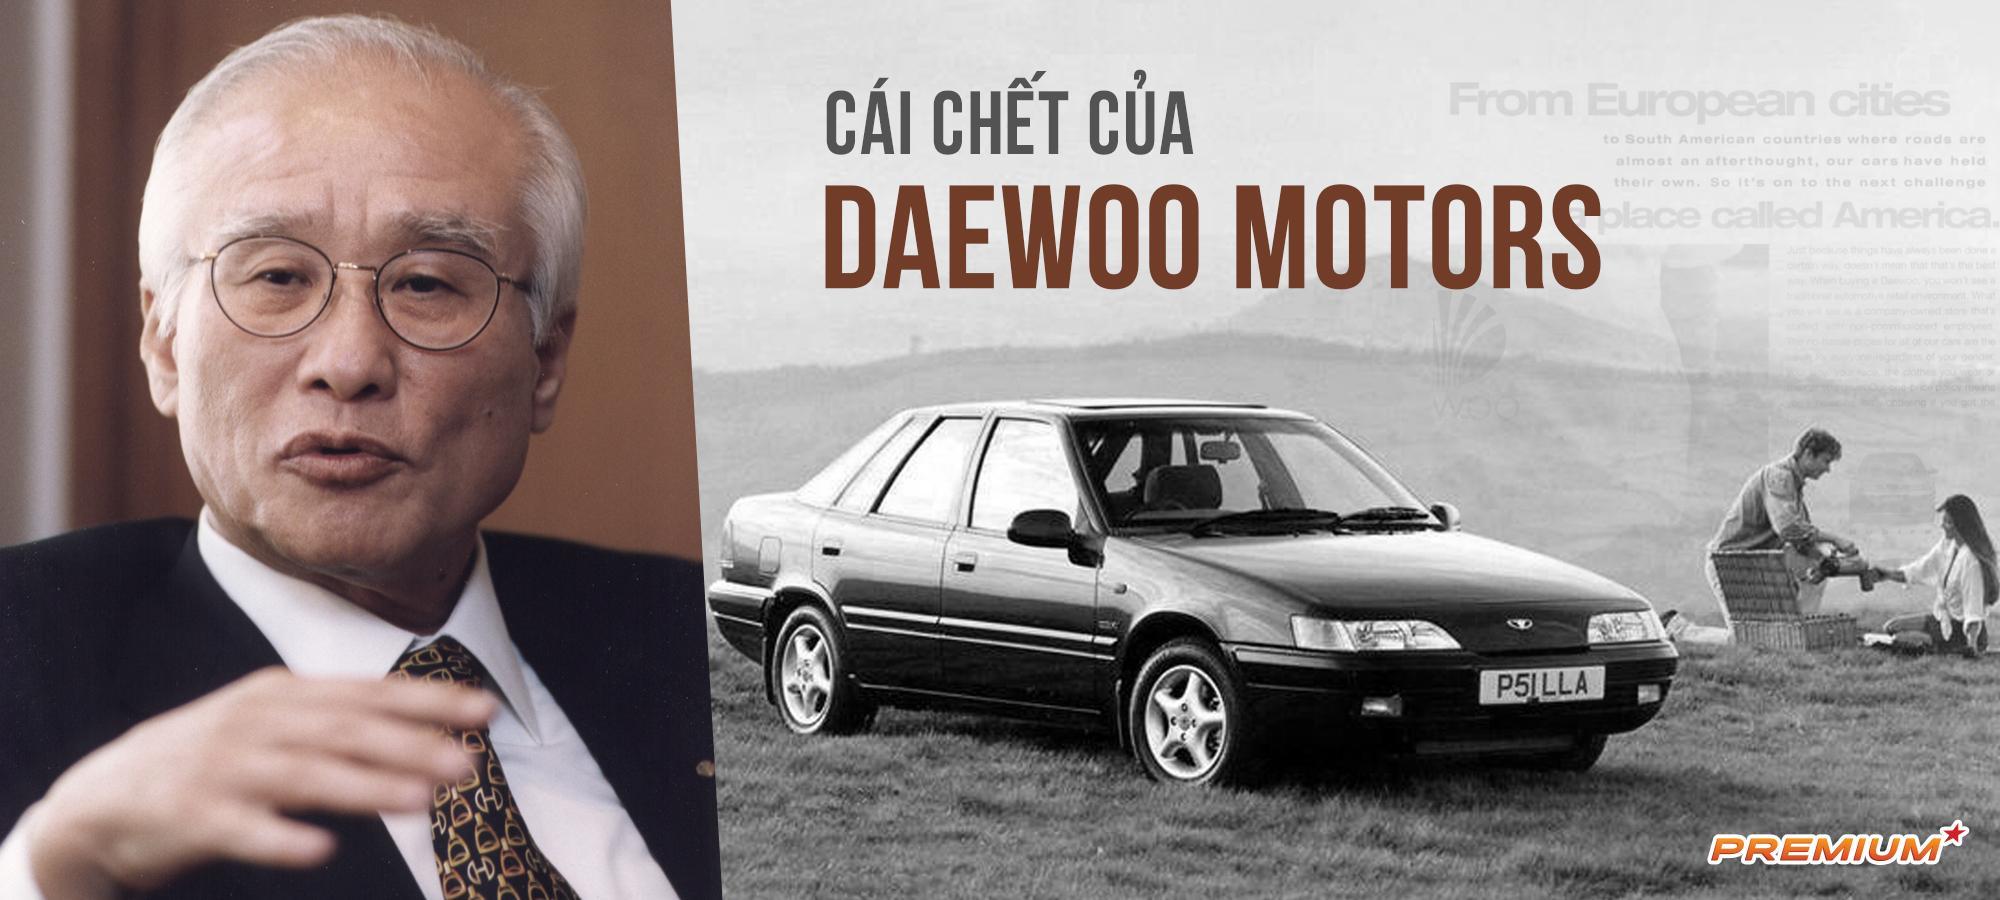 Cái chết của Daewoo Motor